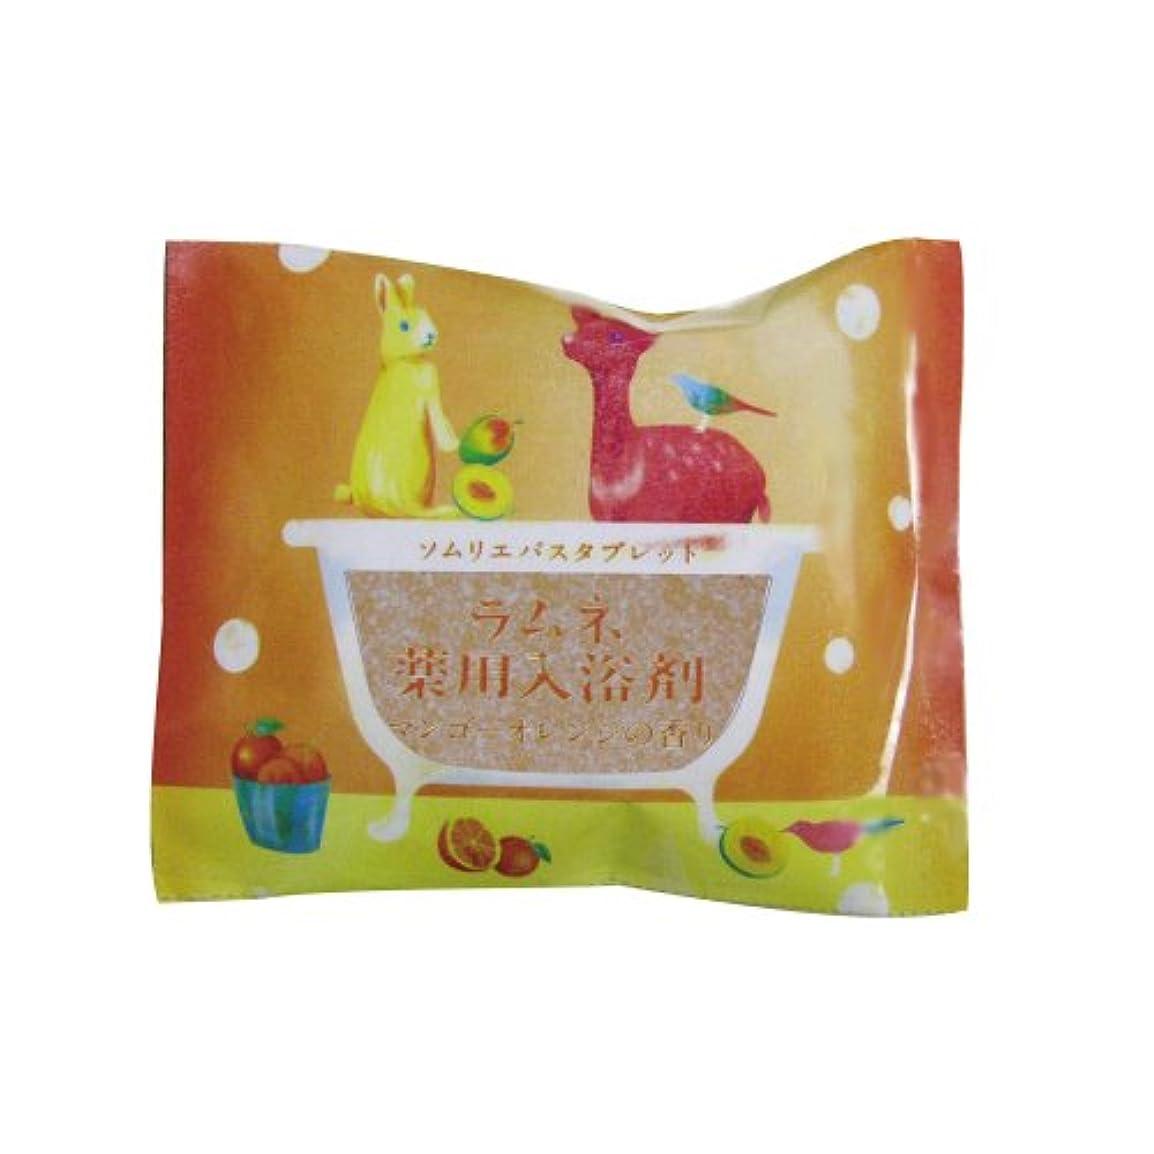 闇不良債権者ソムリエバスタブレット ラムネ薬用入浴剤 マンゴーオレンジの香り 12個セット